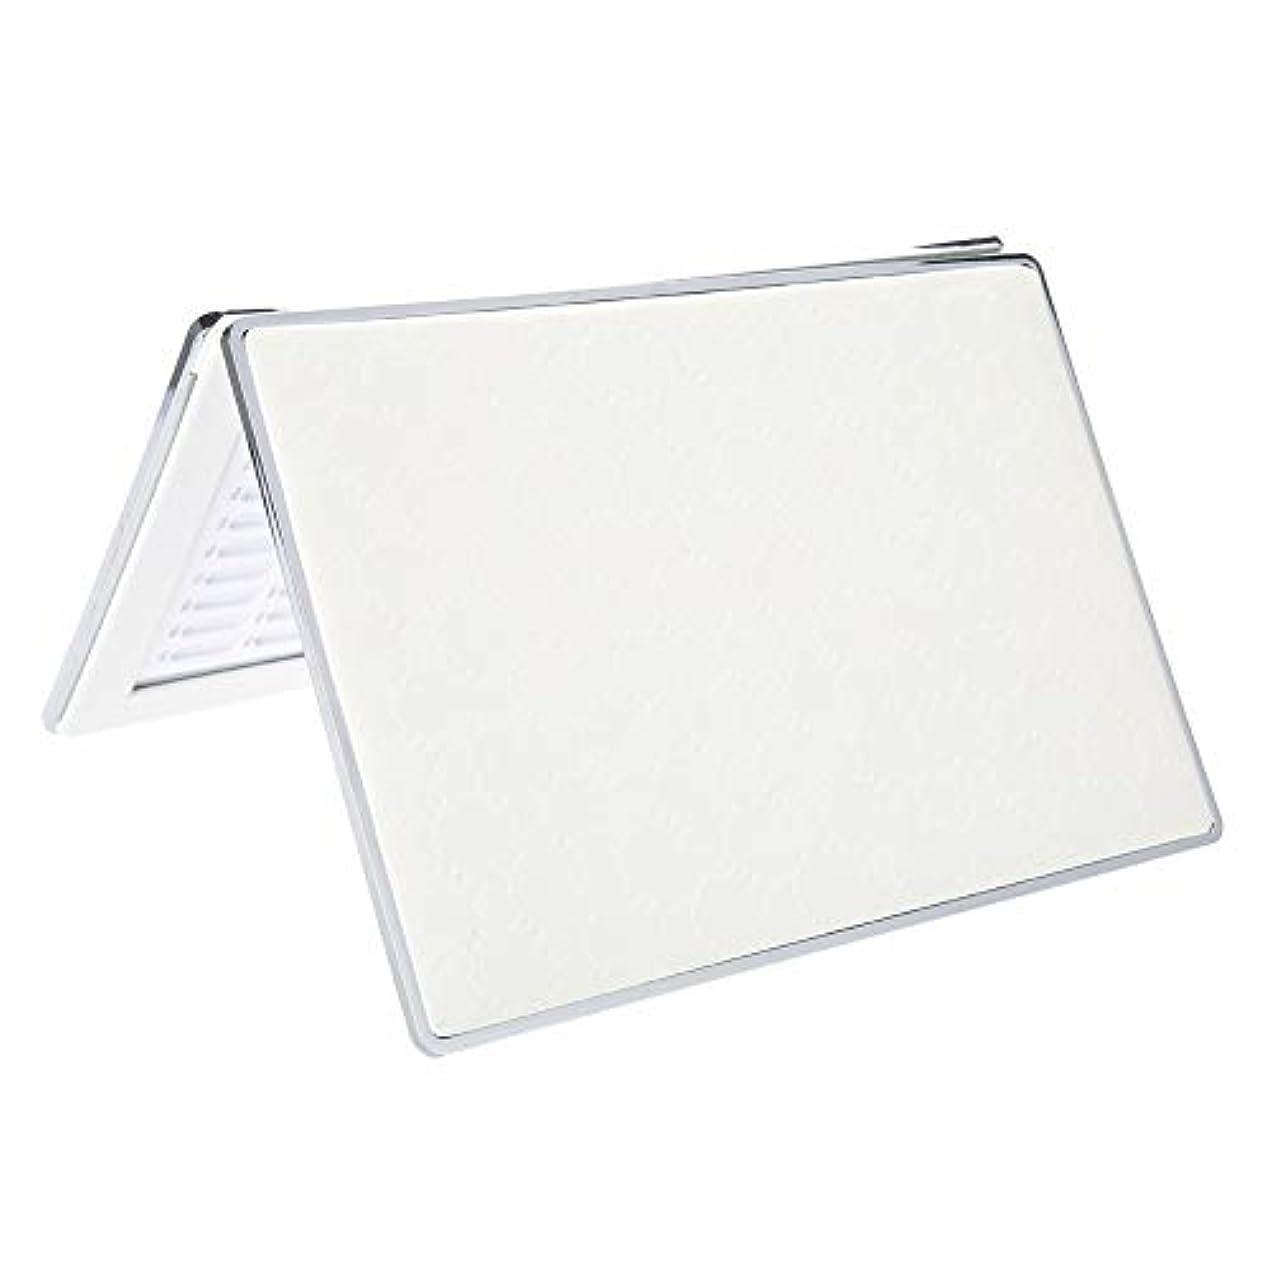 背骨秋技術ネイルアートディスプレイ 160色 ディスプレイスタンド プラスチック板 ネイルポリッシュカラー ディスプレイ サロン アクセサリー(03)